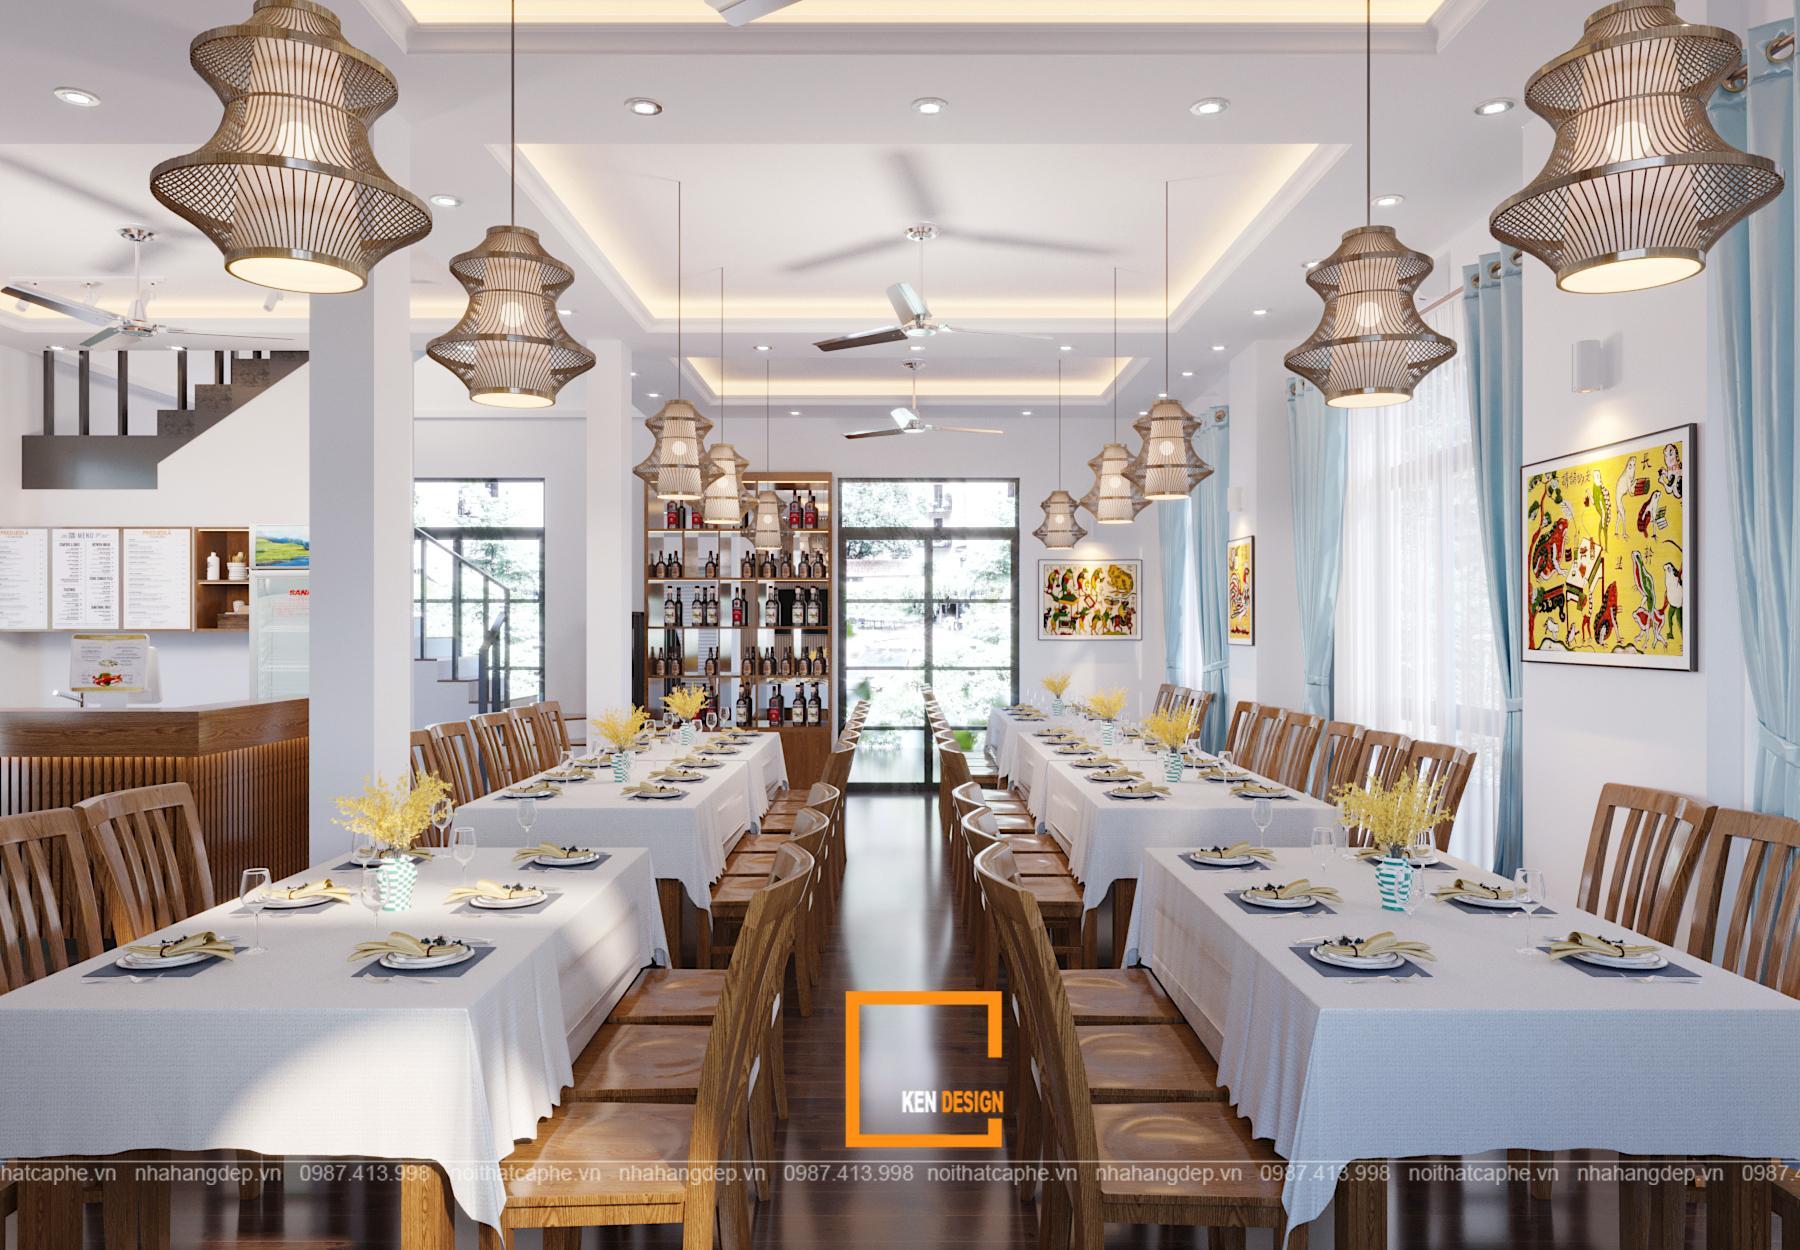 Thiet Ke Nha Hang Buffet Giup Thu Hut Khach Hang Hieu Qua (4)